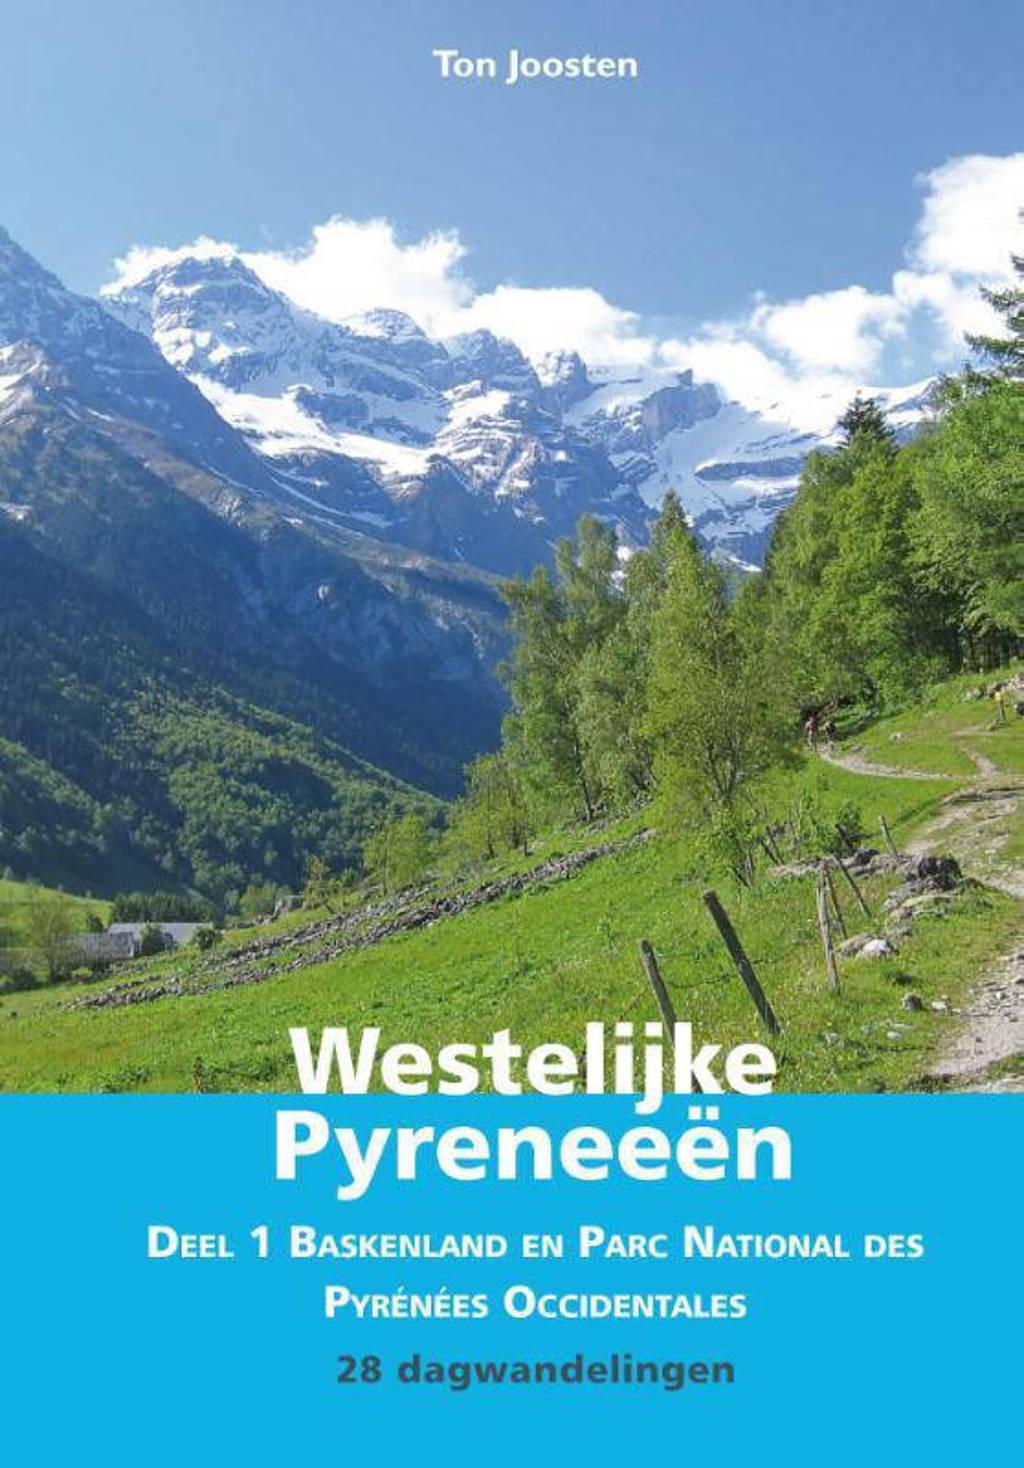 Westelijke Pyreneeën 1 Baskenland en Parc National des Pyrénées Occidentales - Ton Joosten